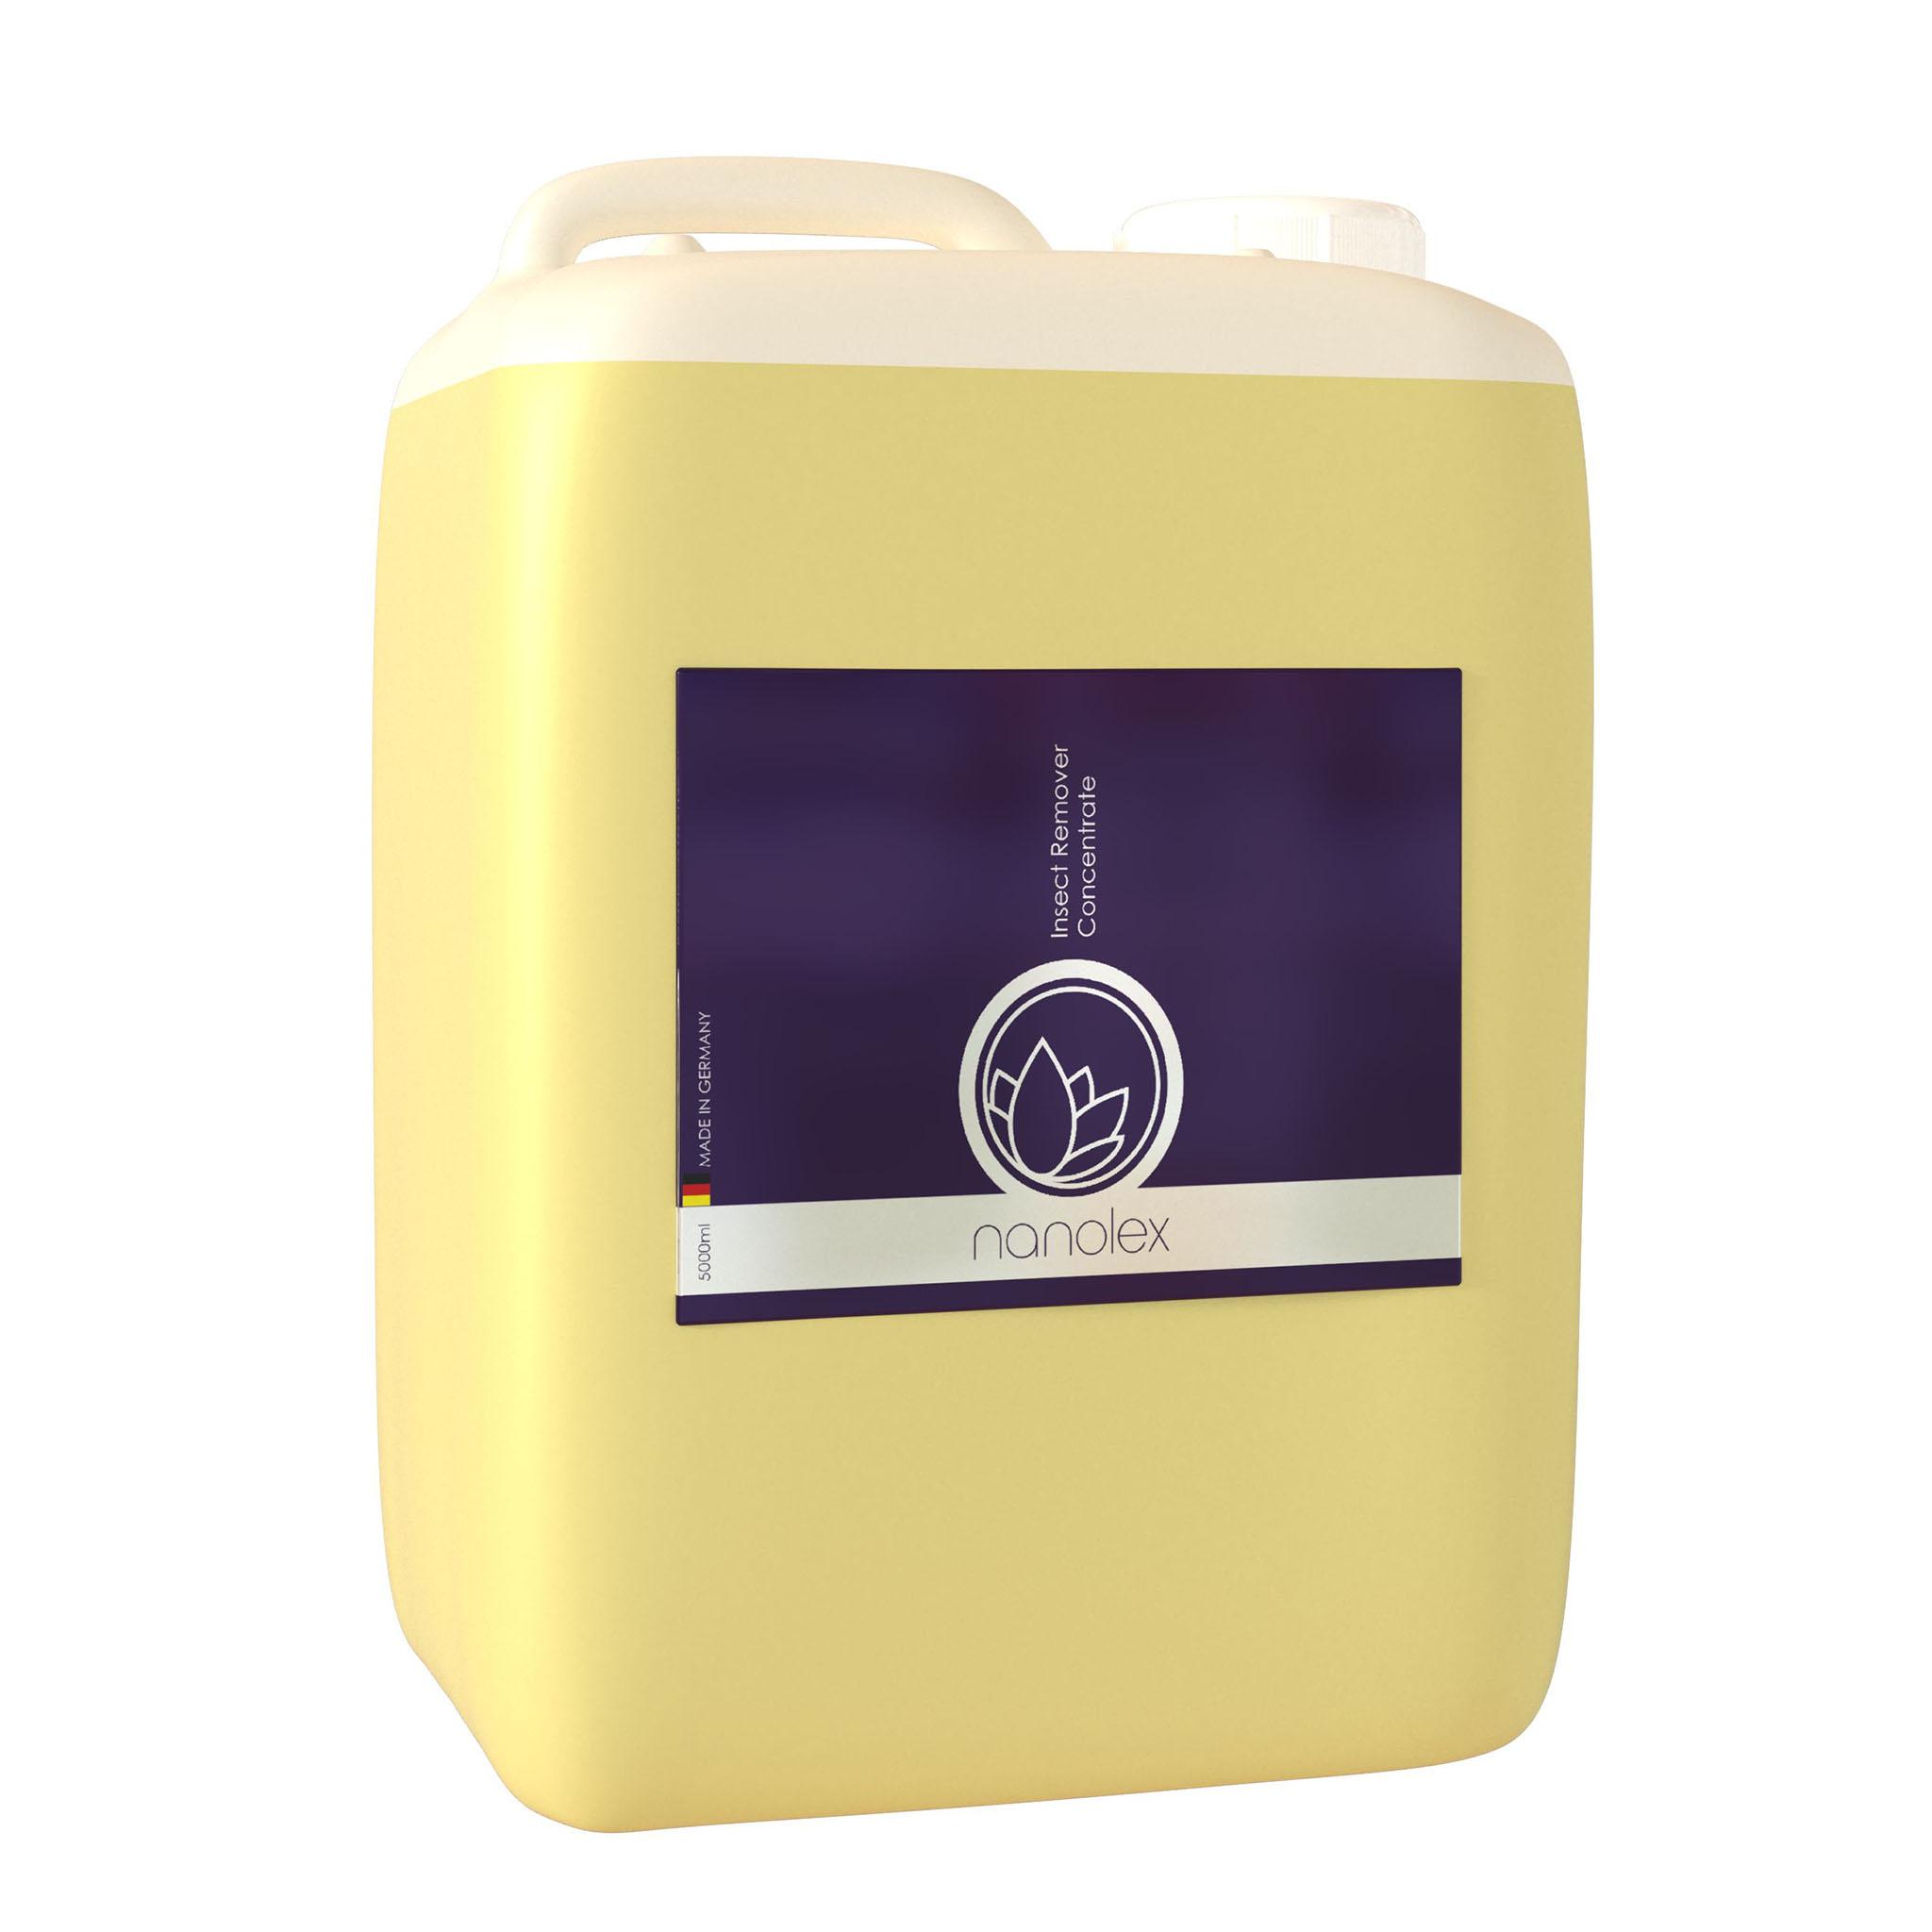 Insektsborttagare Nanolex Insect Remover Concentrate, 5000 ml